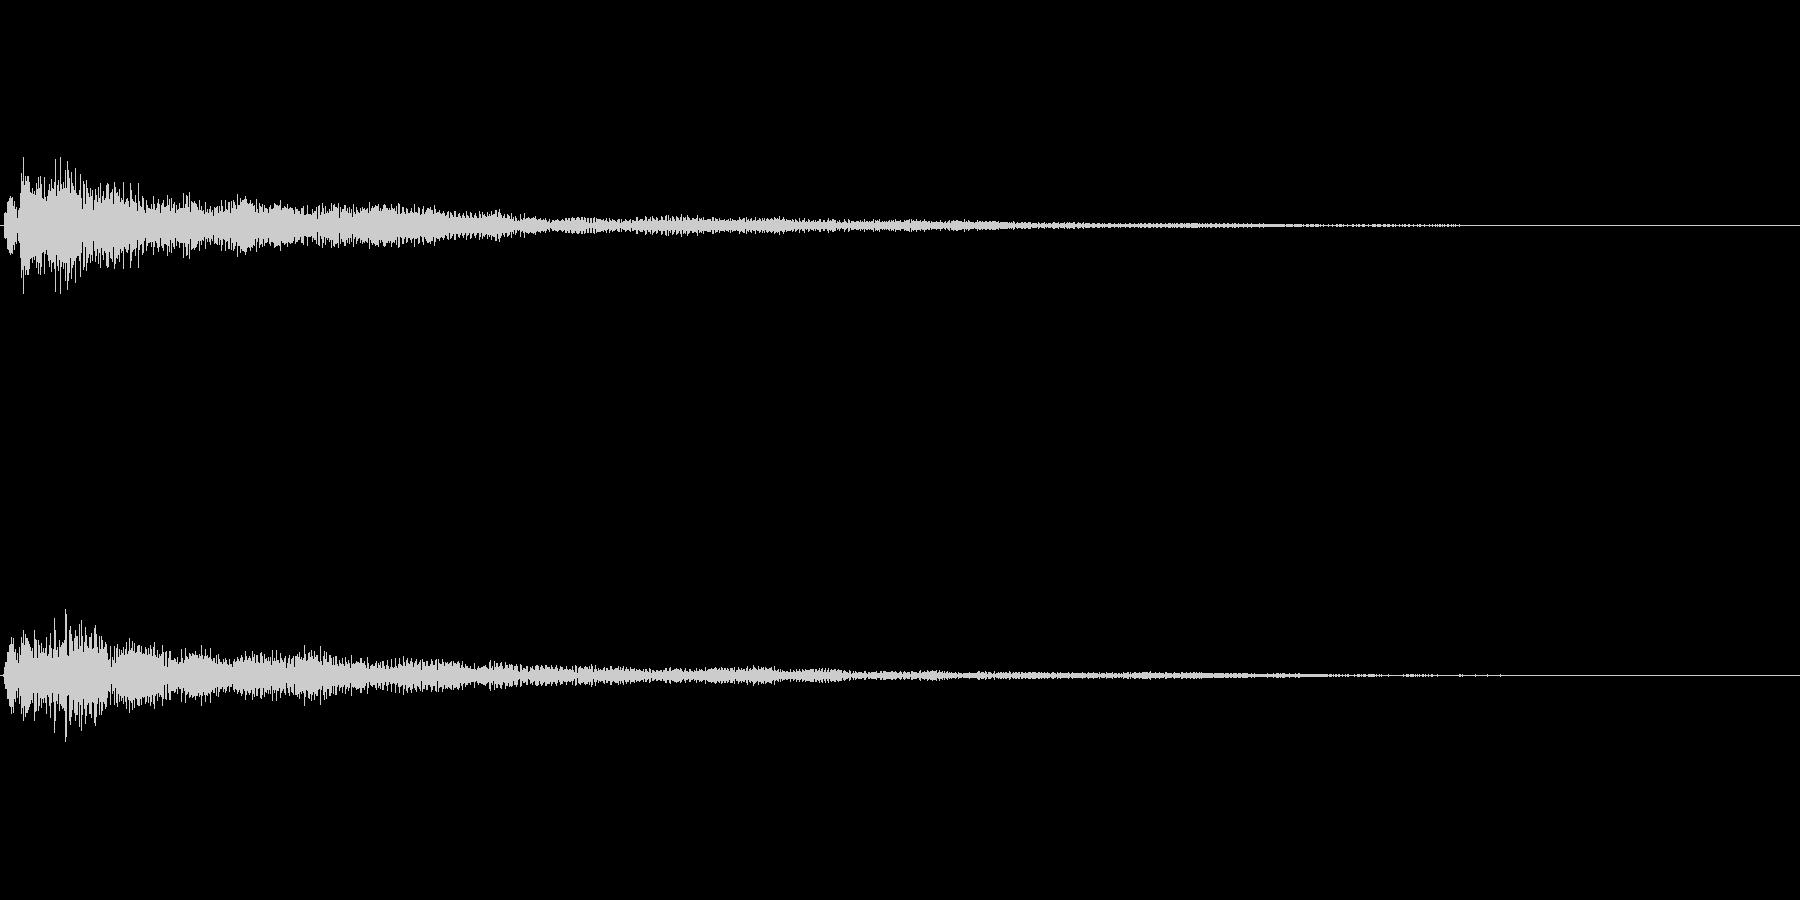 ファンタジー かわいい効果音 決定系10の未再生の波形